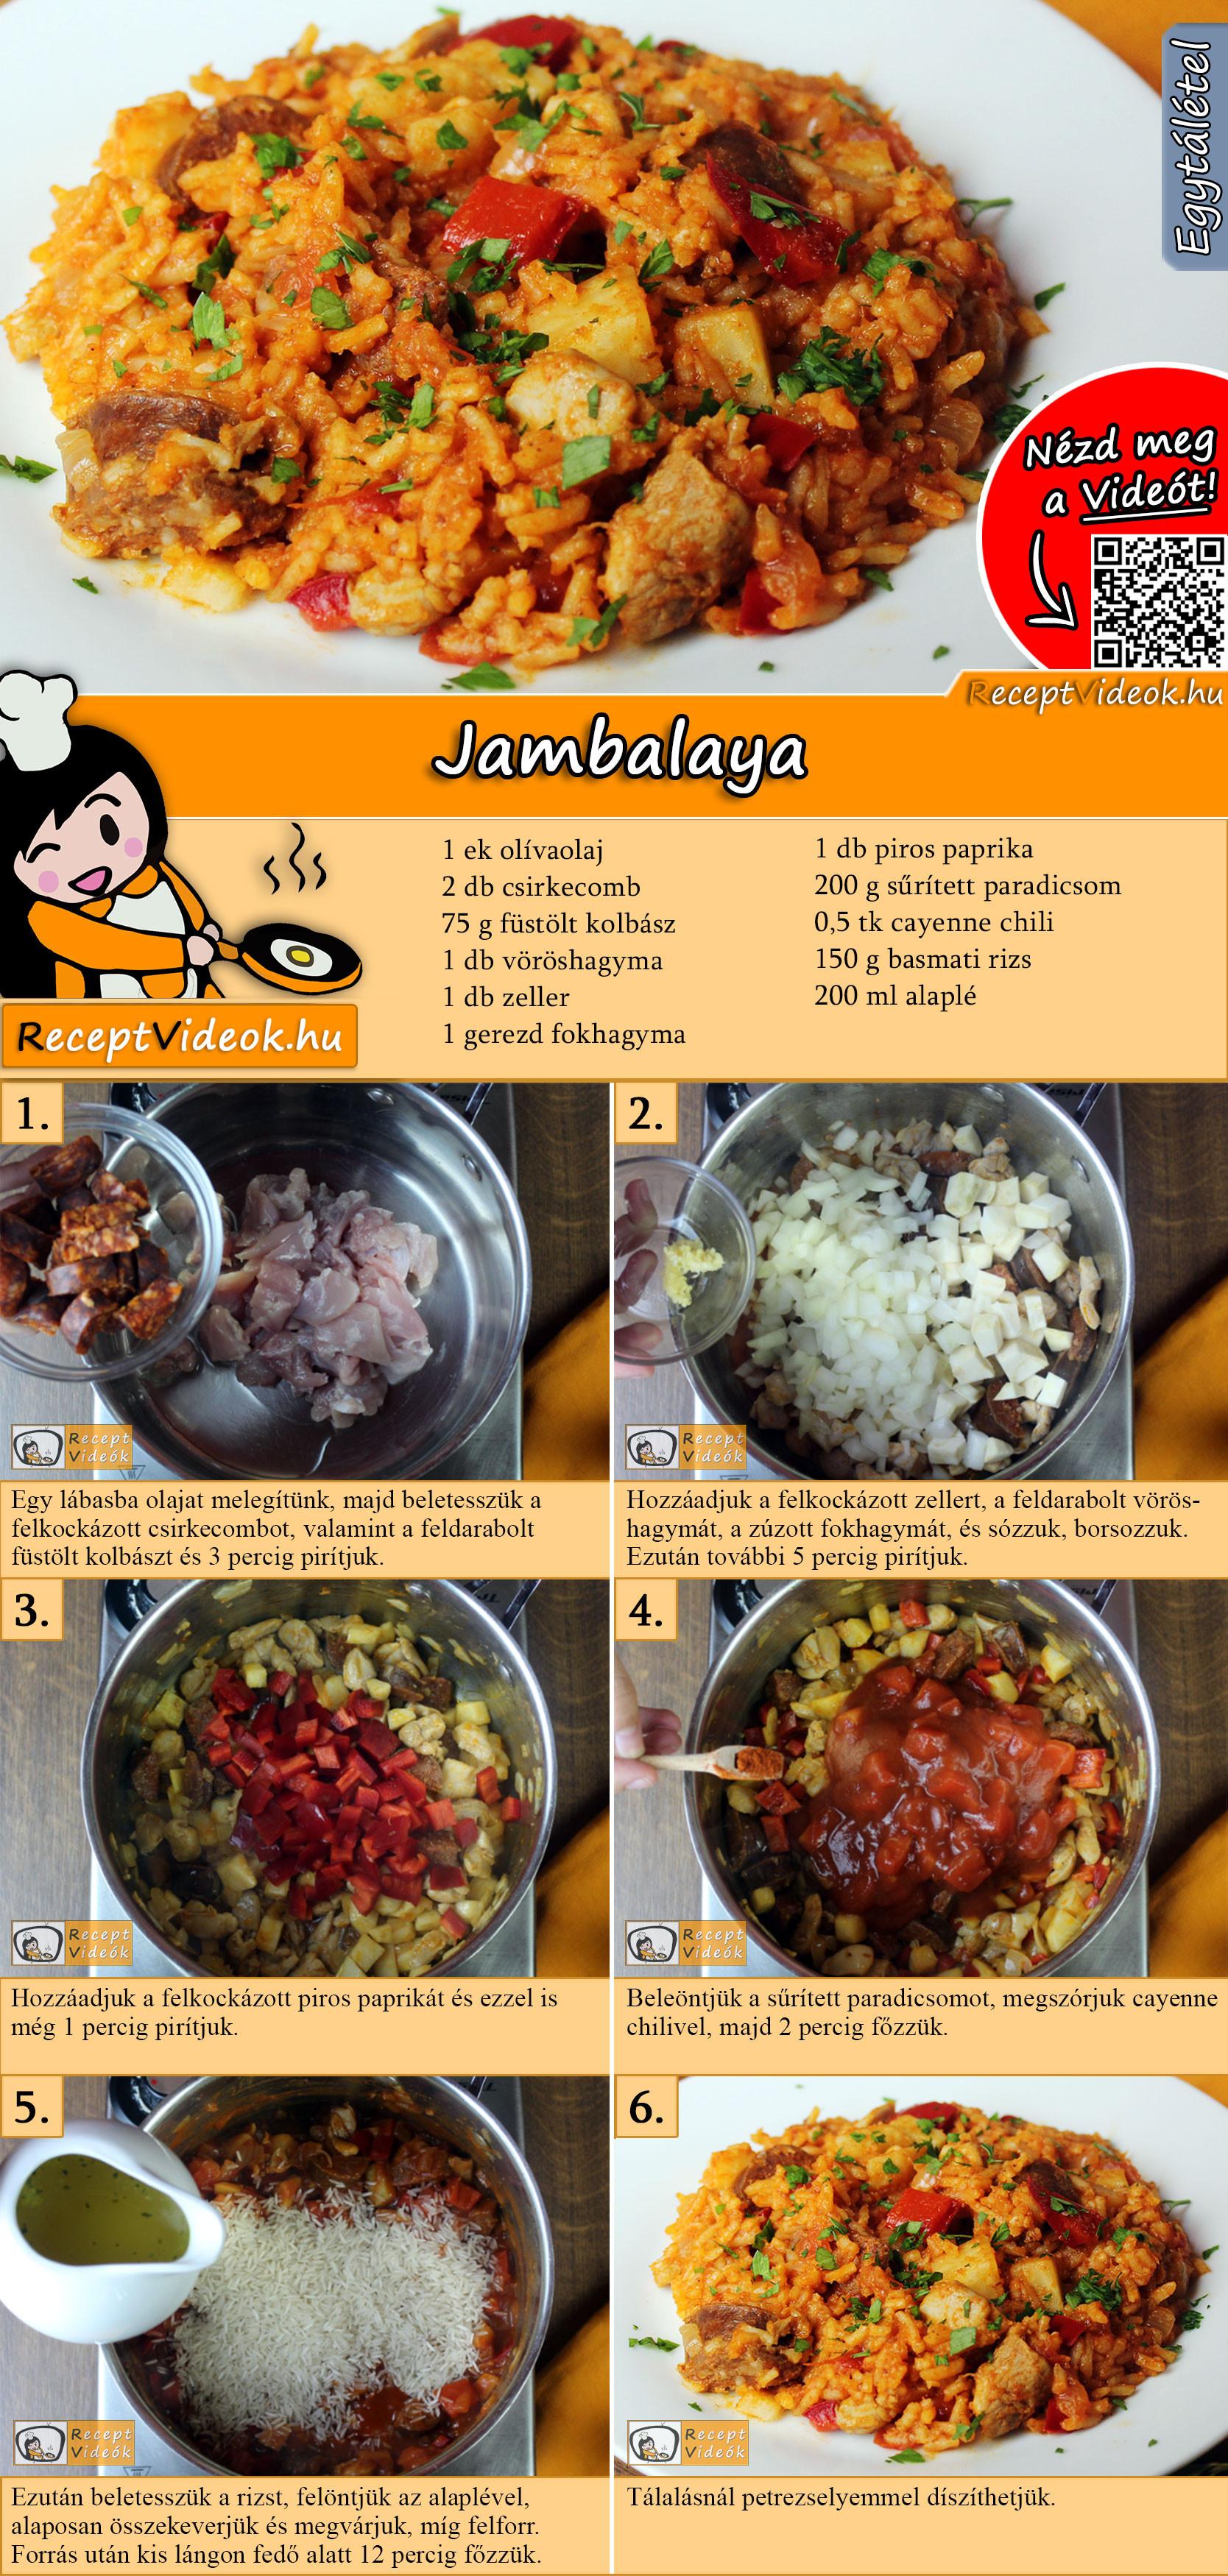 Jambalaya recept elkészítése videóval